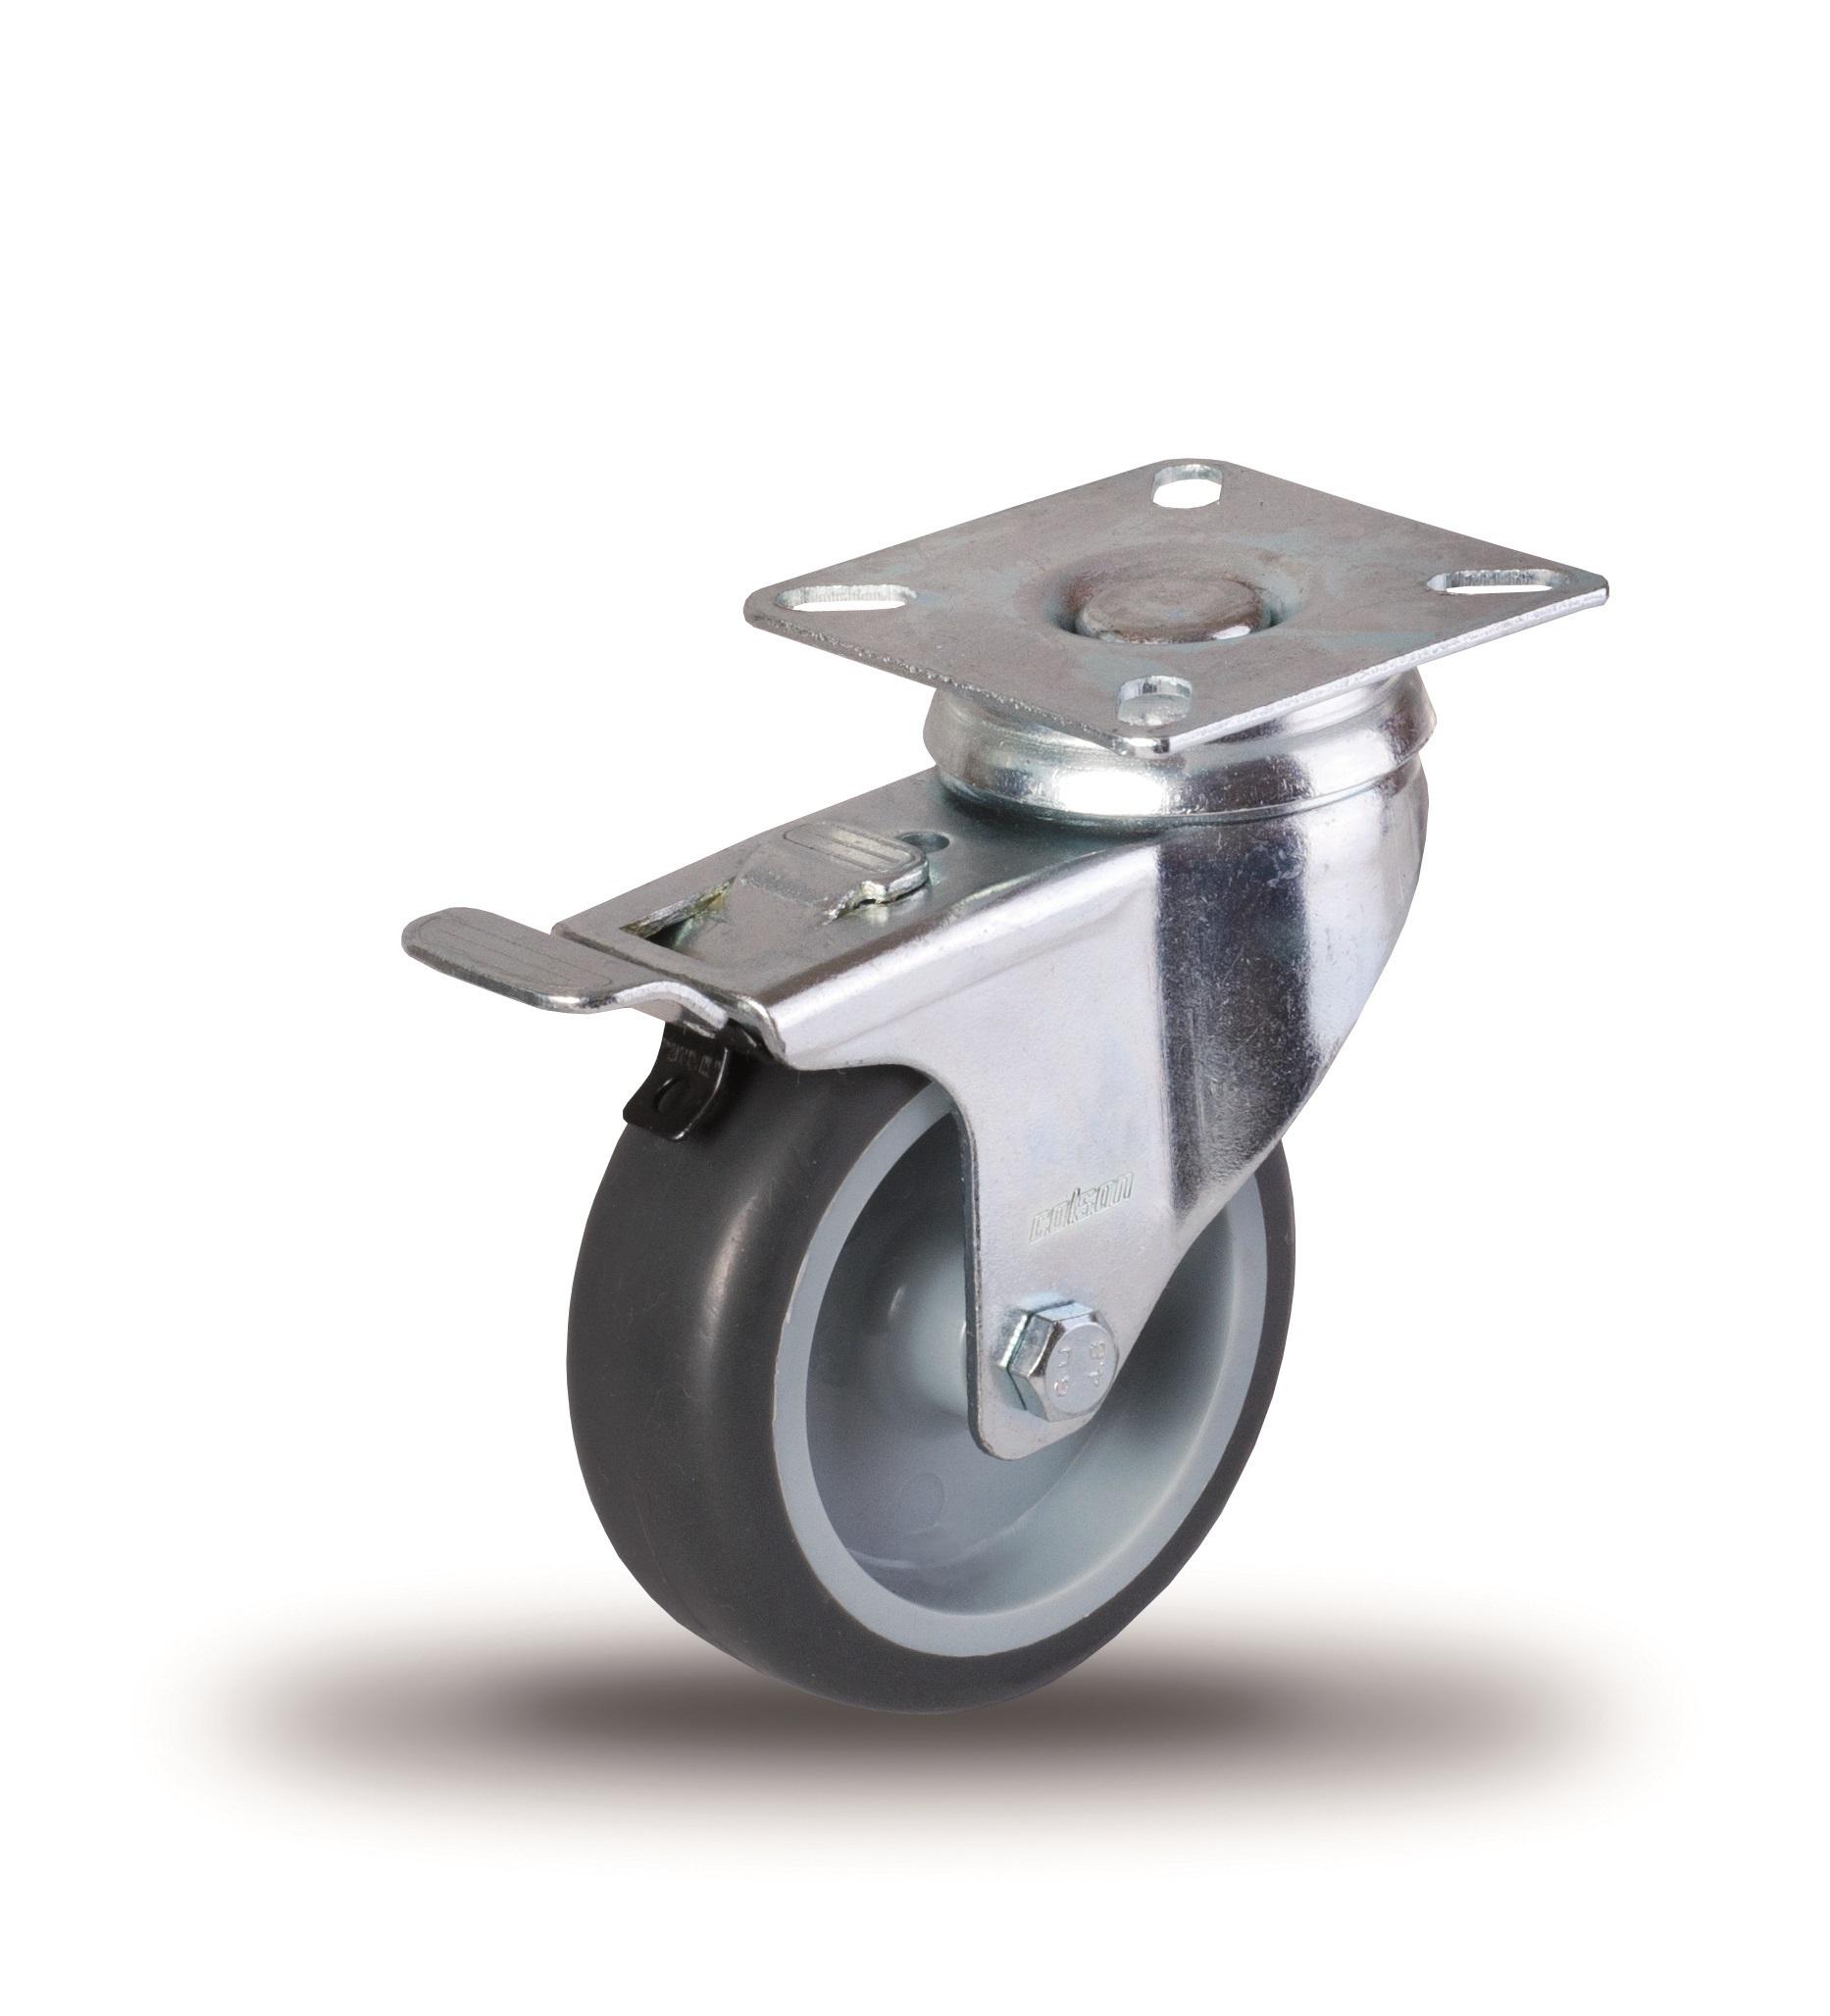 Kolieska otočná, šedá guma, plastový disk séria JD-BD